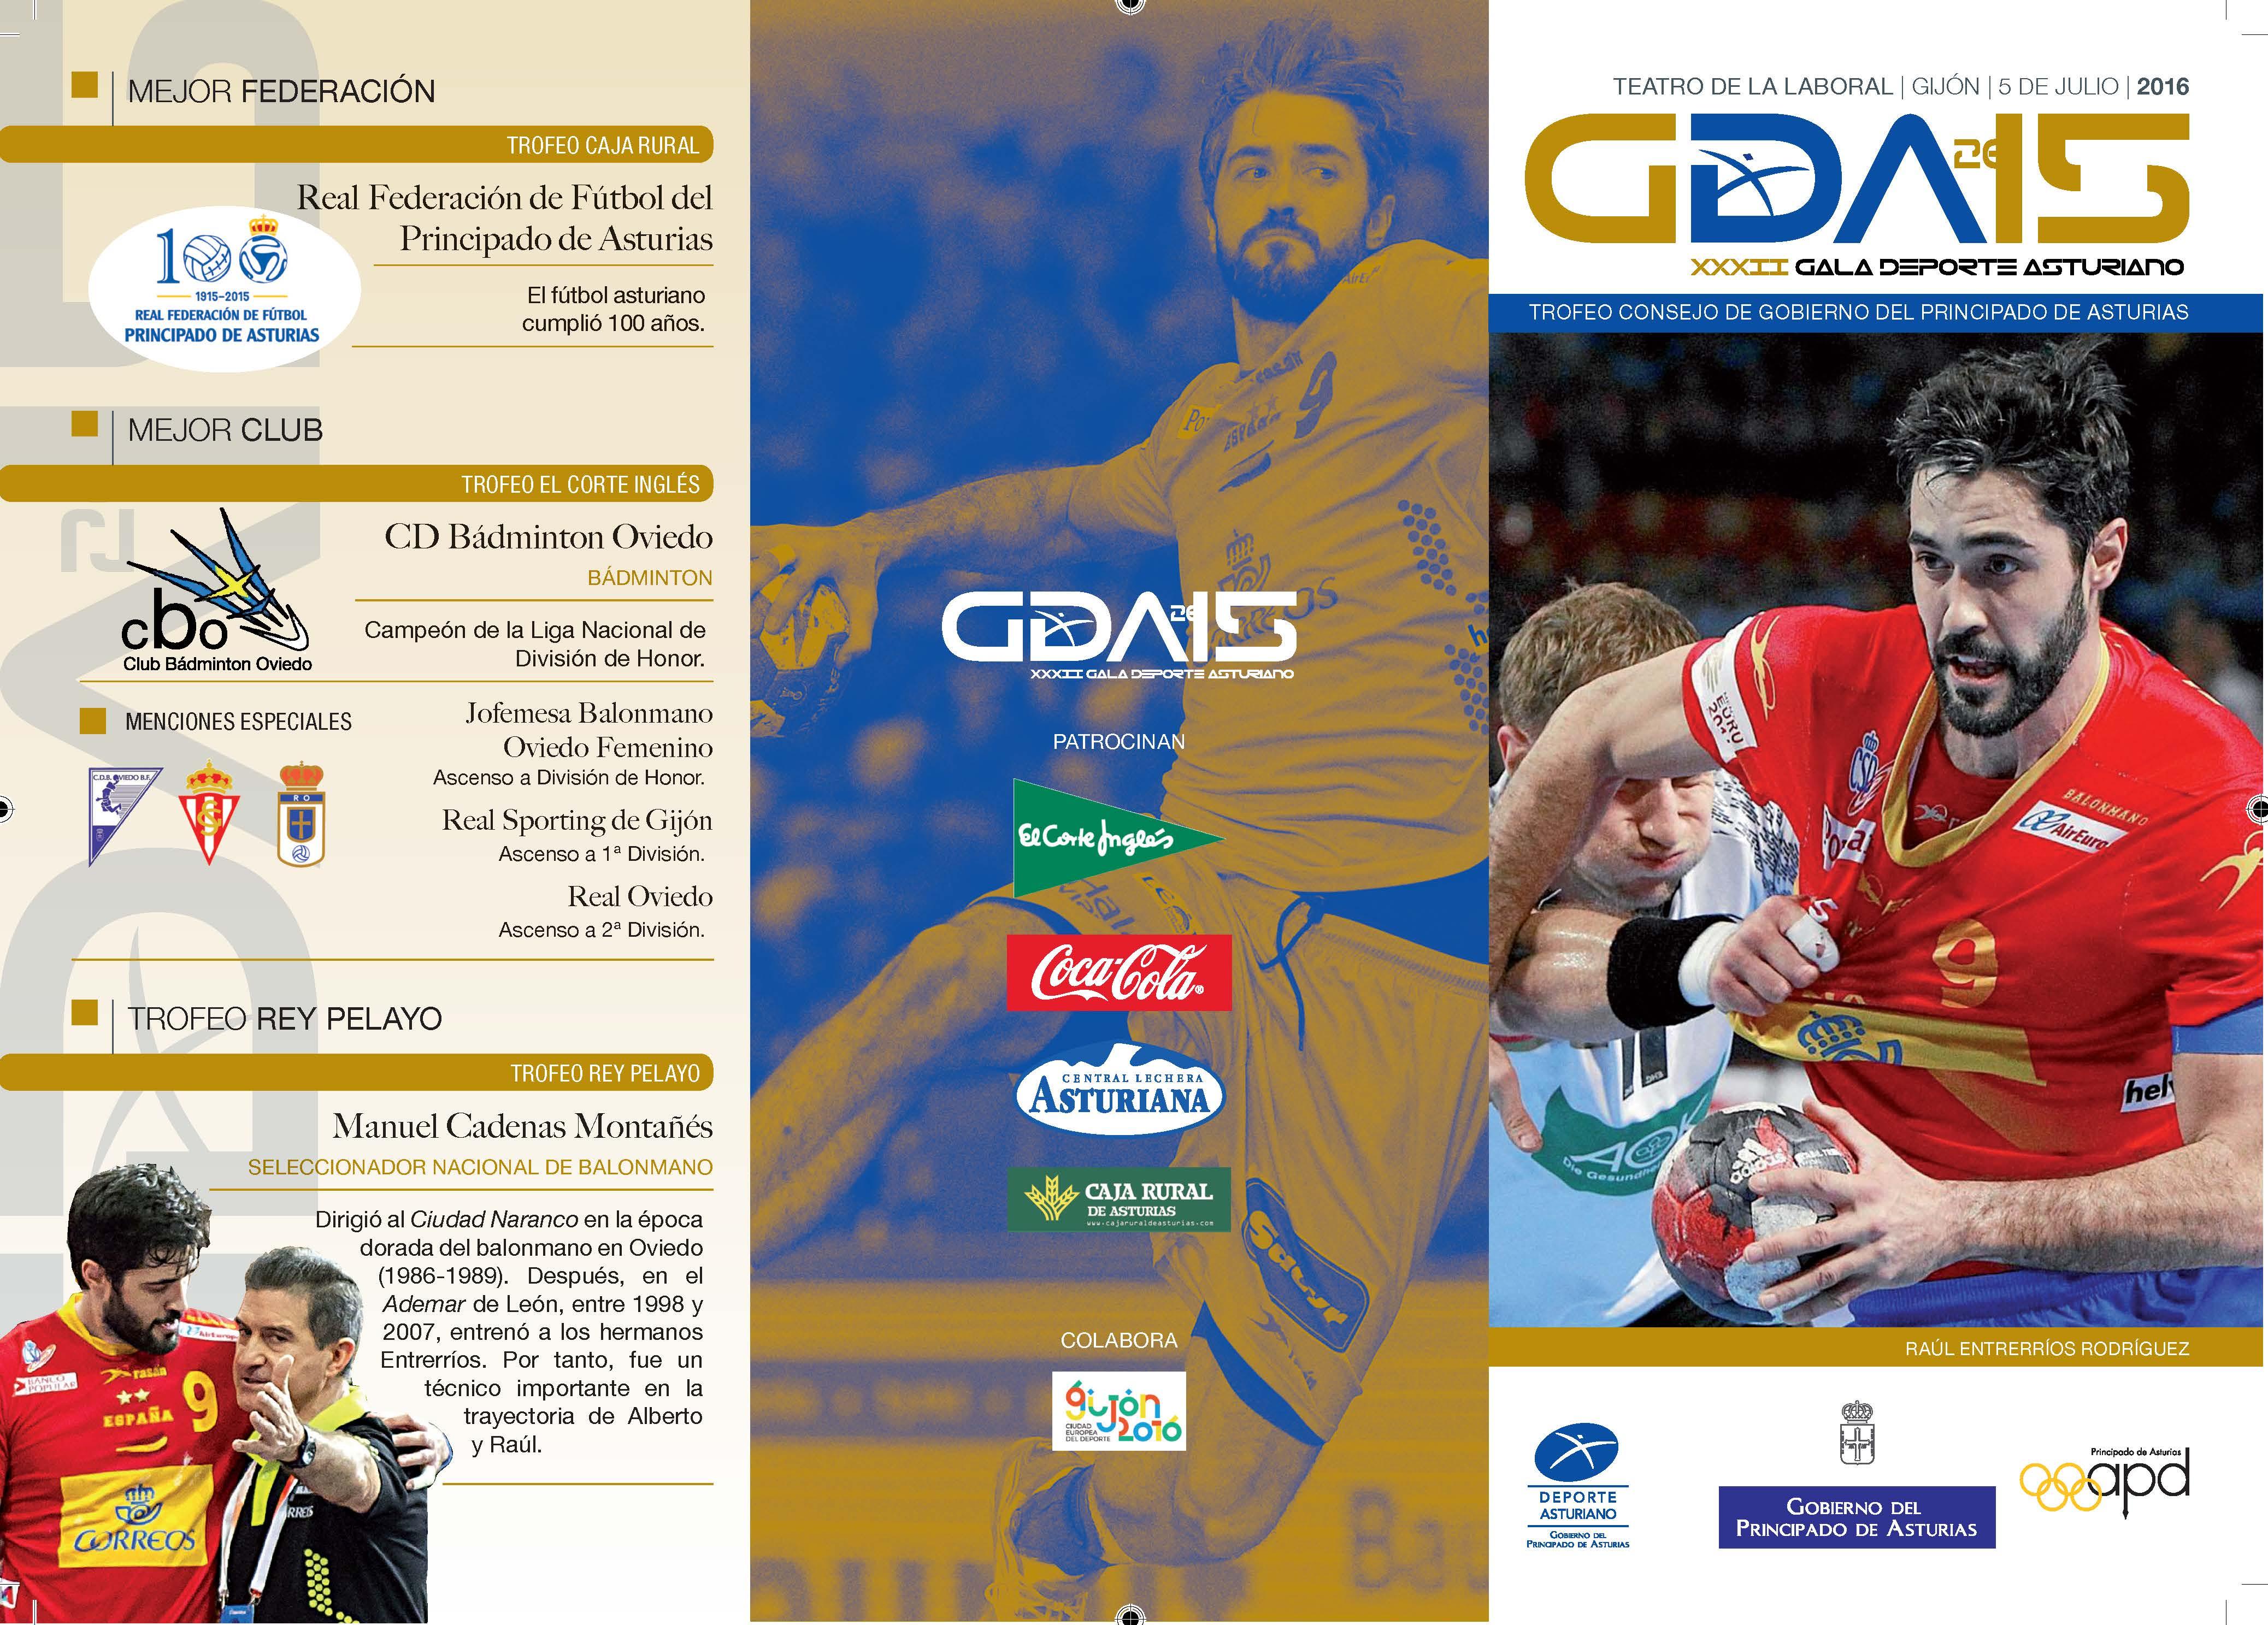 Noticia-Gala-del-deporte-20151